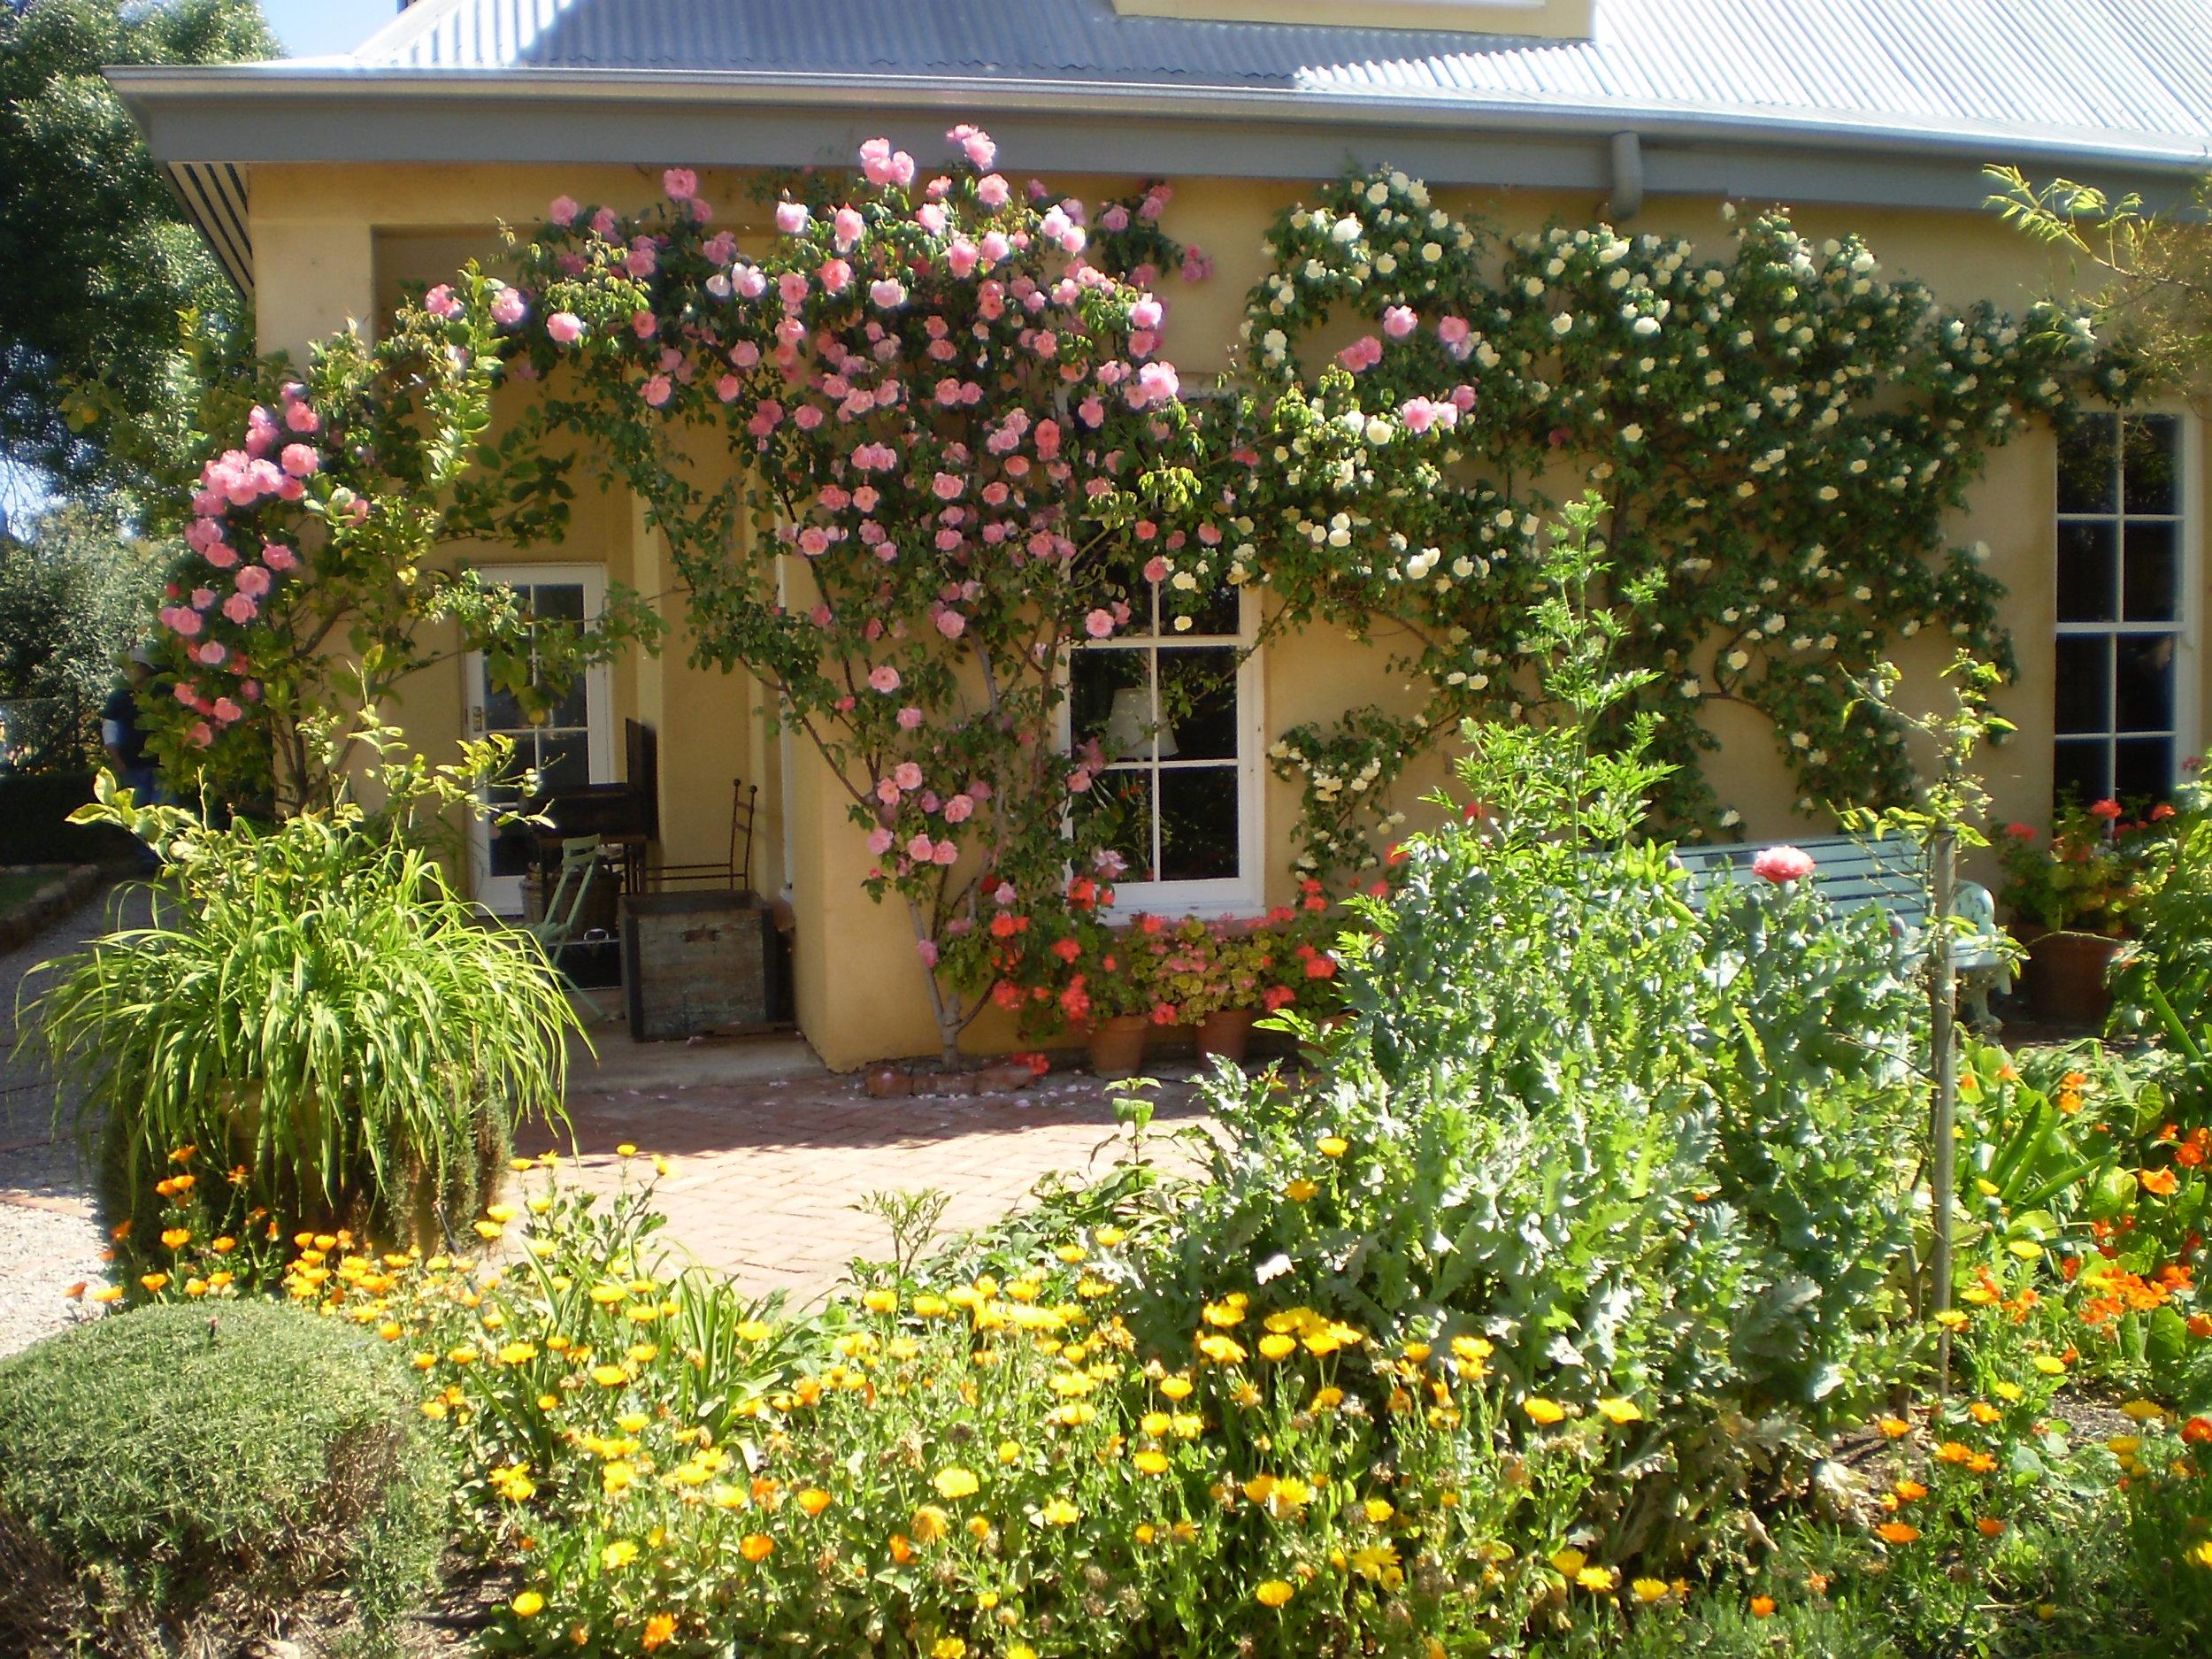 Glorious Roses at Al Ru Farm